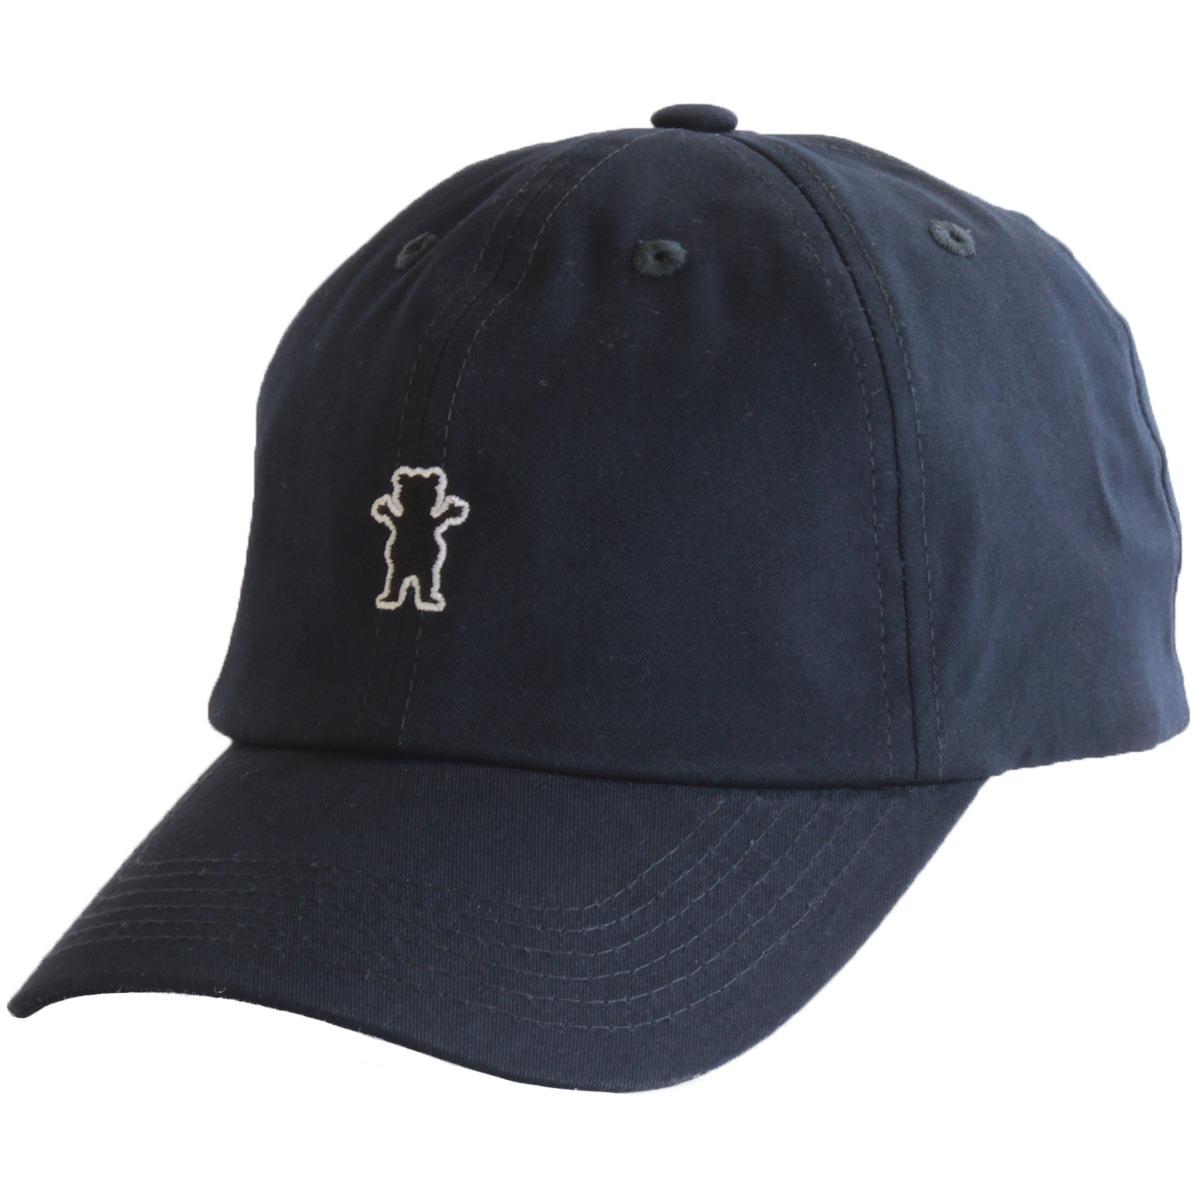 boné grizzly aba curva strapback original og bear dad logo. Carregando zoom. 51e4a8b5119